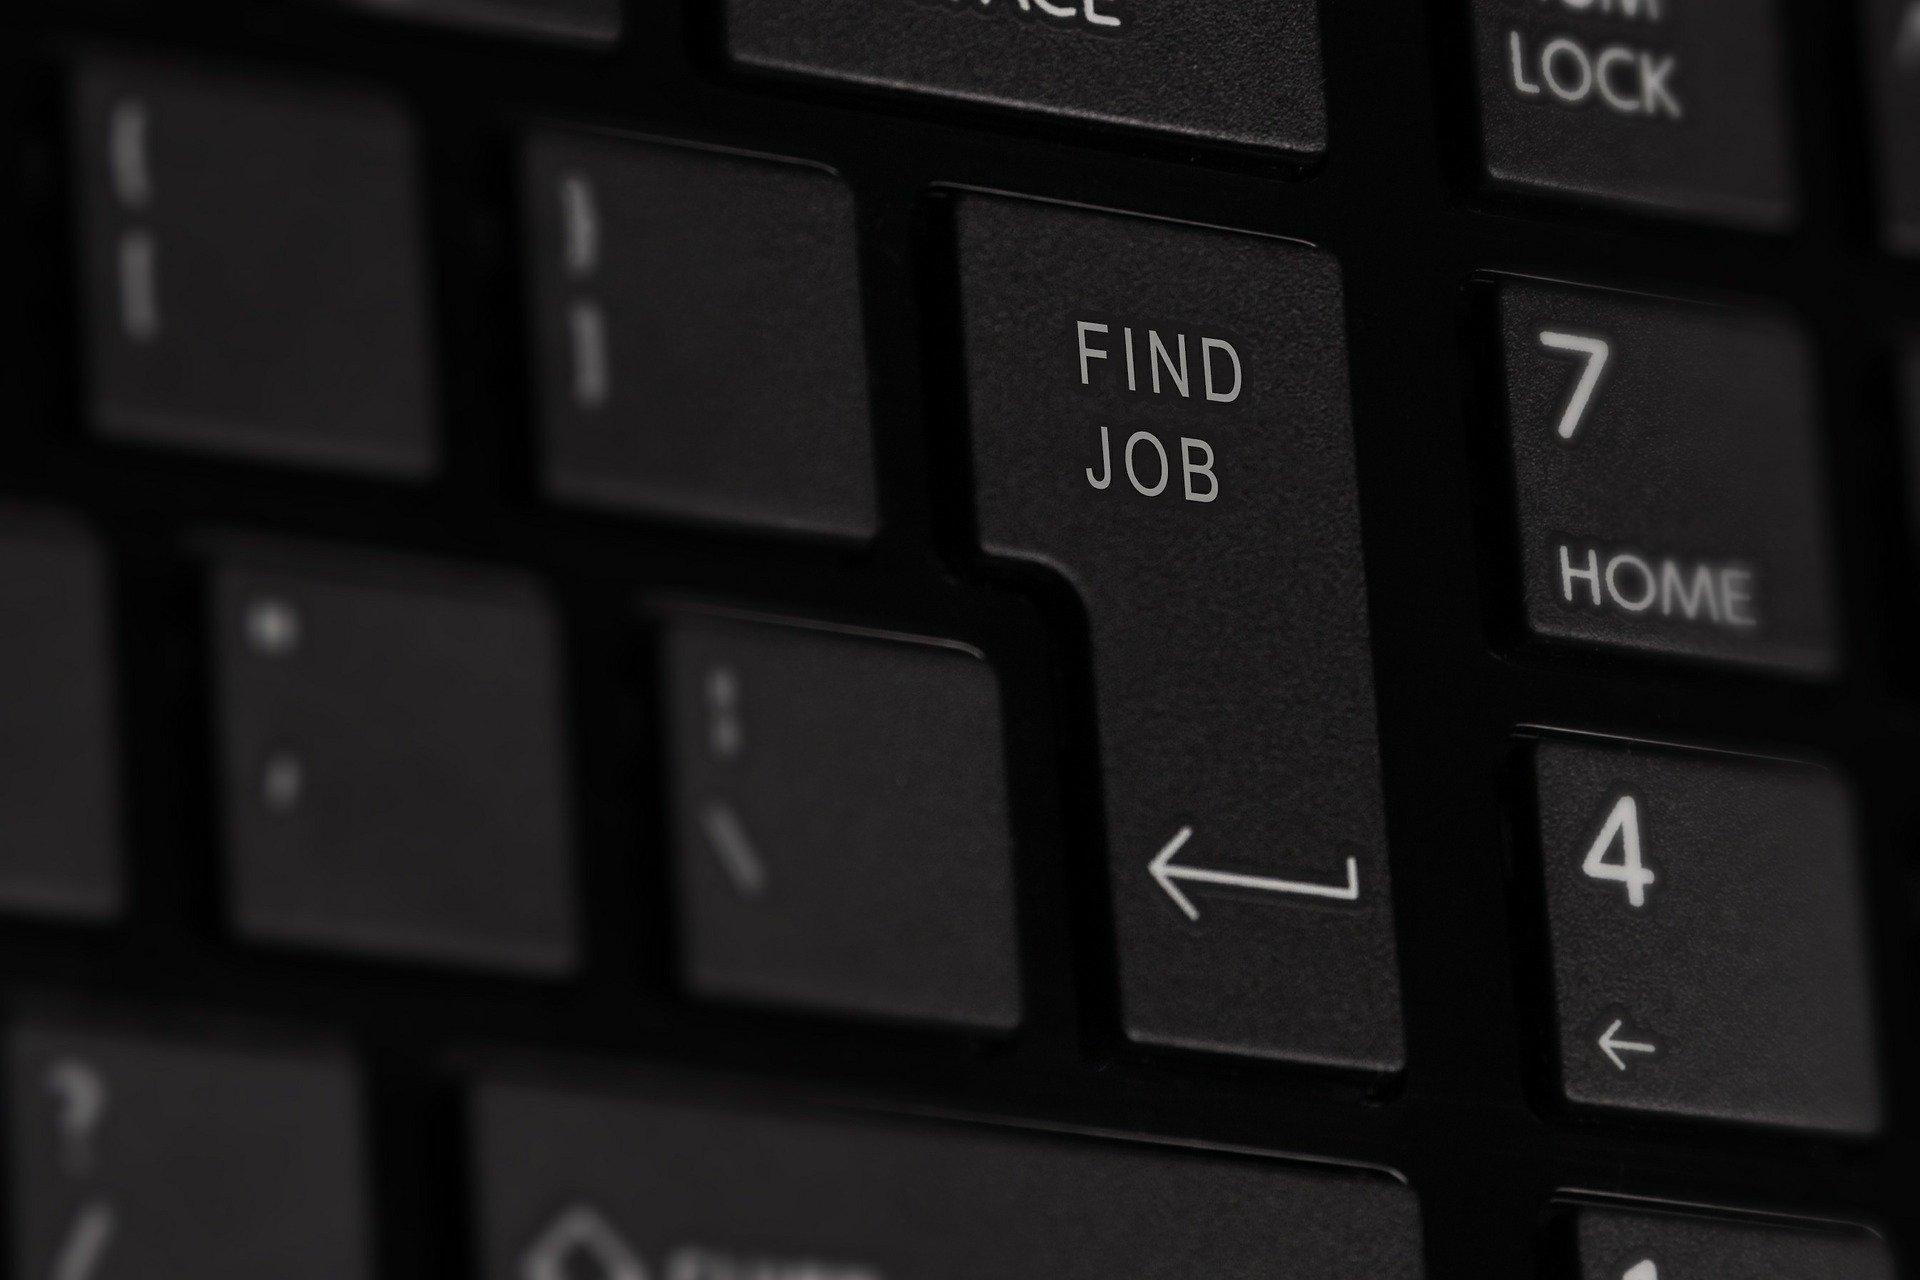 Le chômage longue durée représente 50,6% des inscrits de Pôle emploi